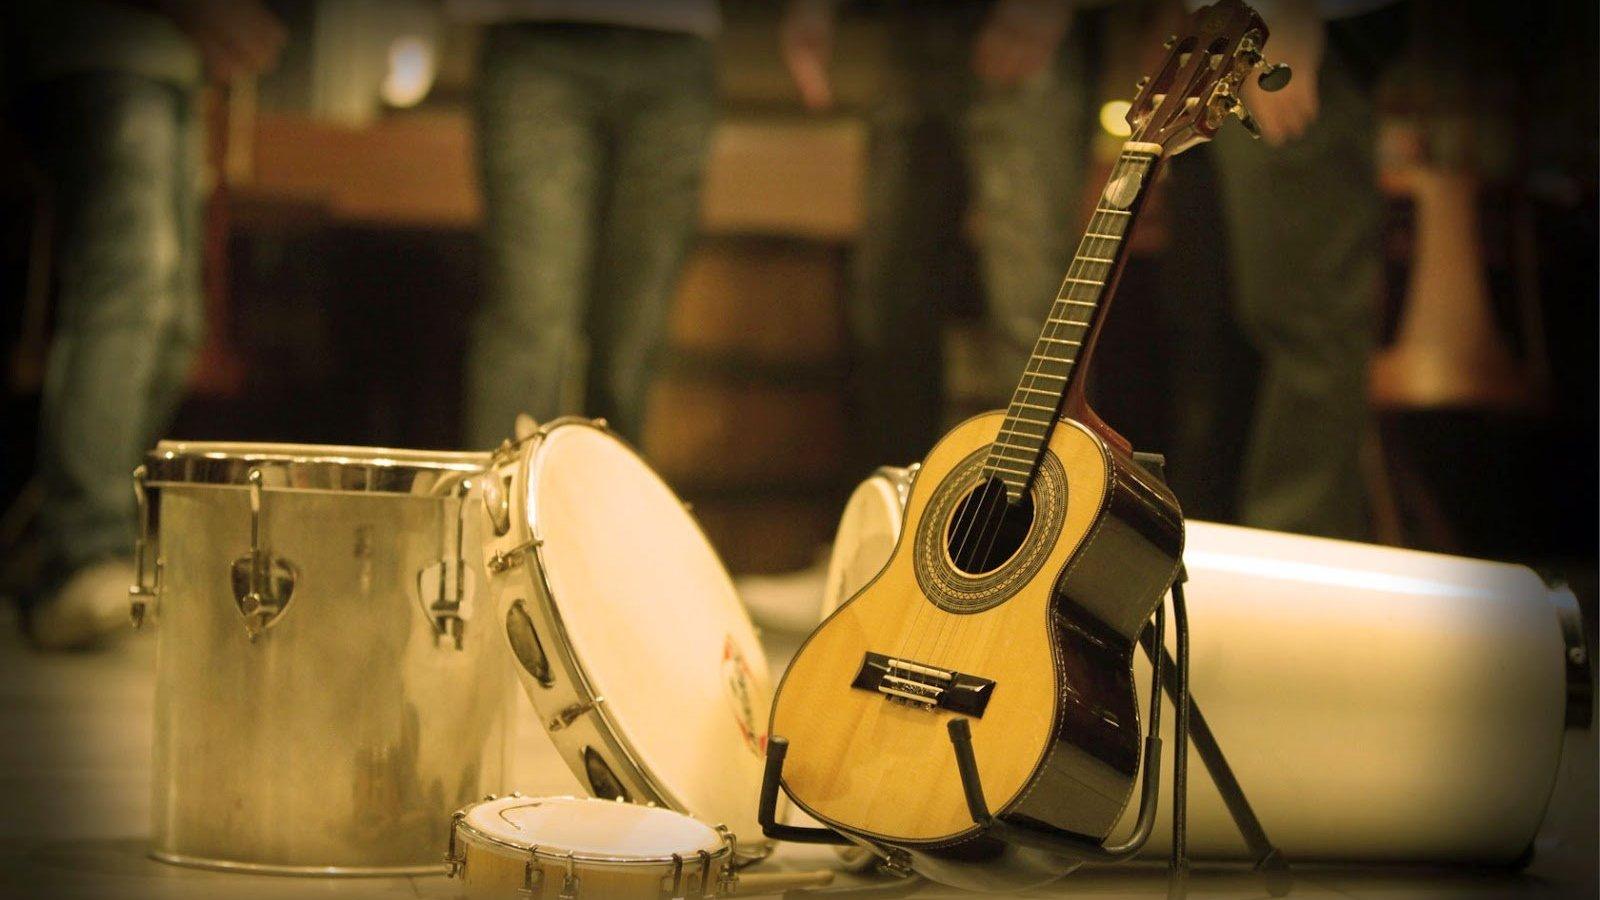 Instrumentos musicais: Violão, pandeiro e tambor